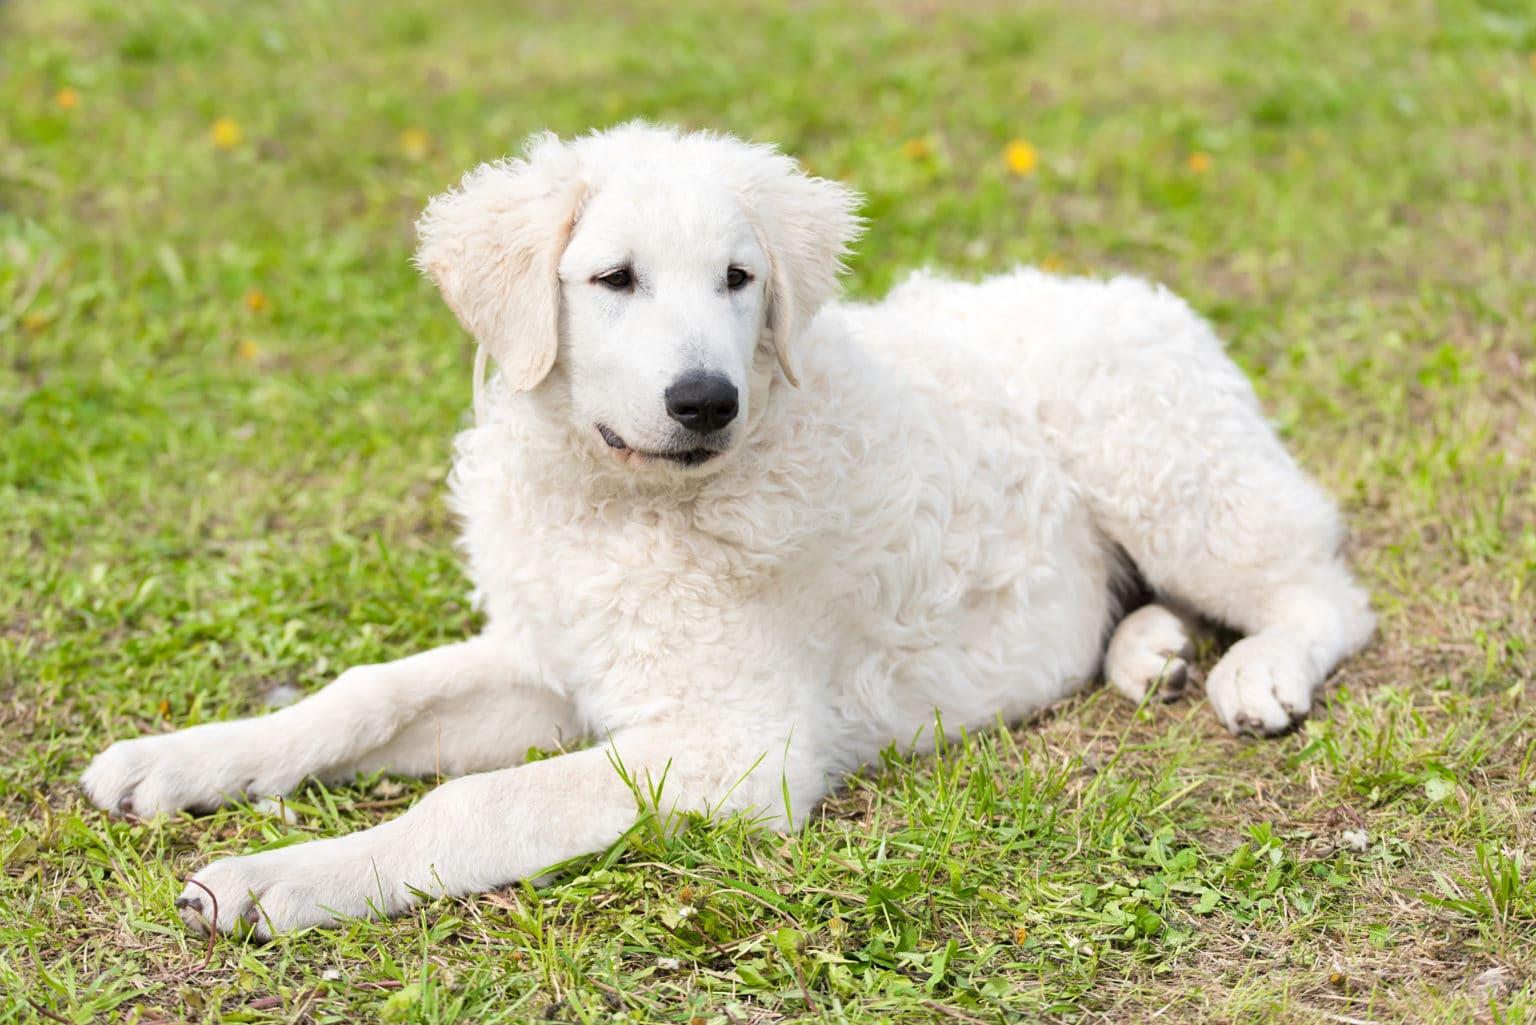 Fluffy Dog Kuvasz